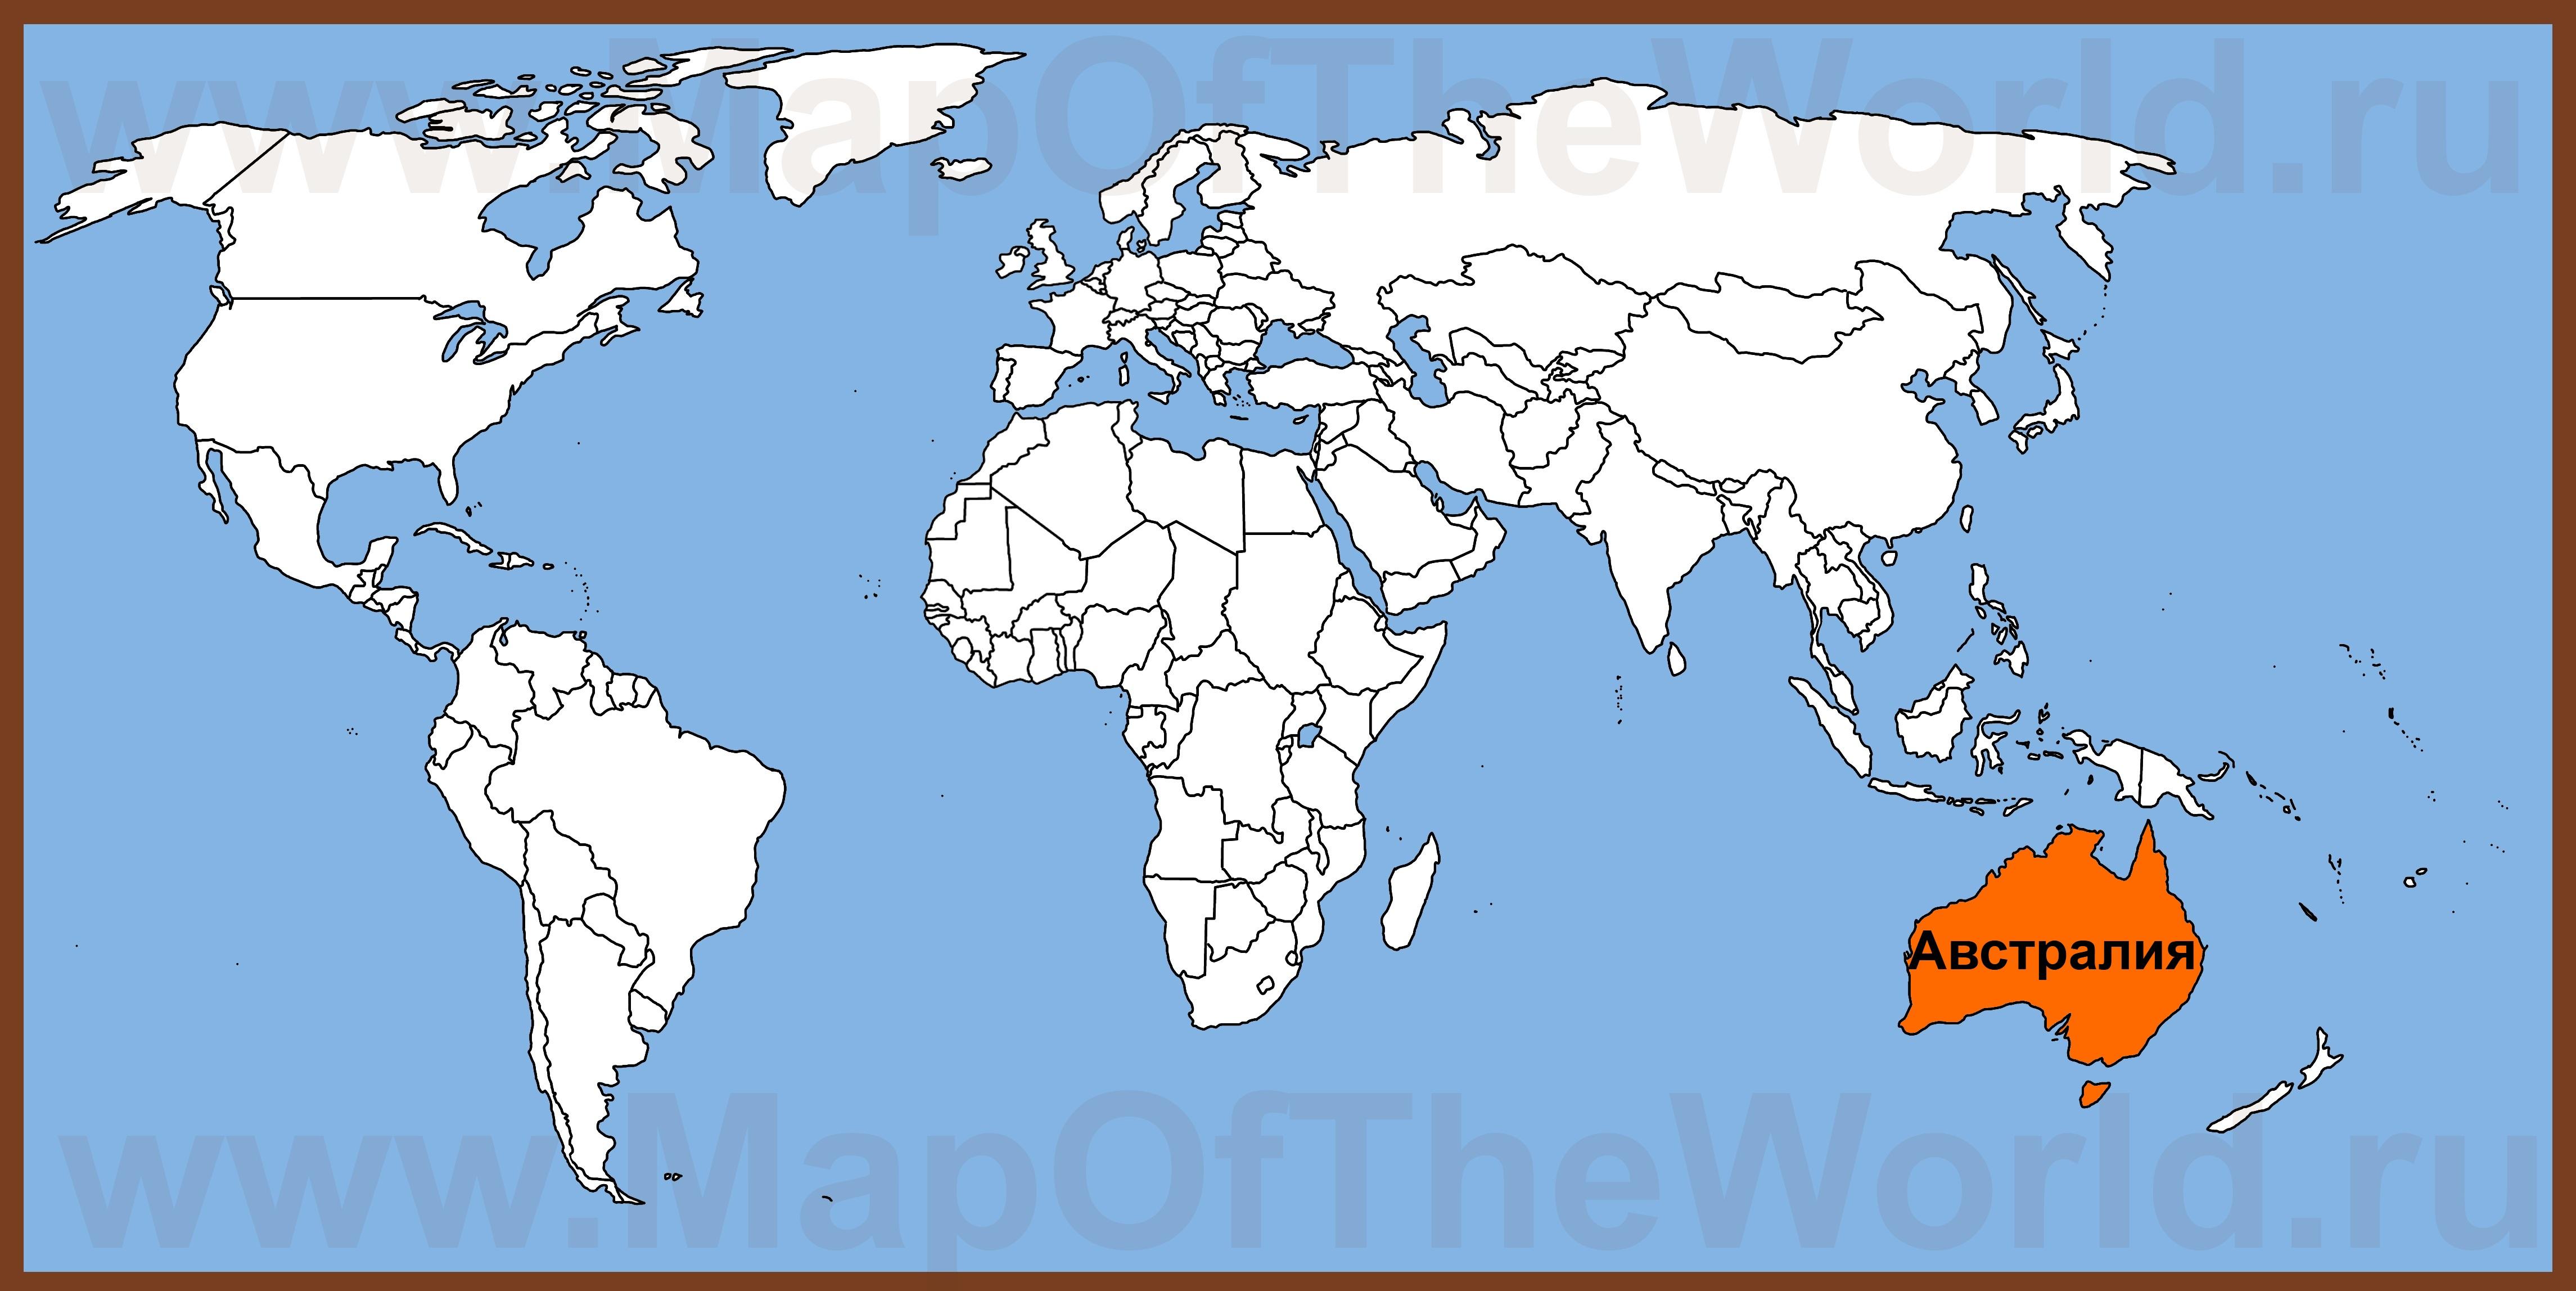 Картинки по запросу австралия на карте